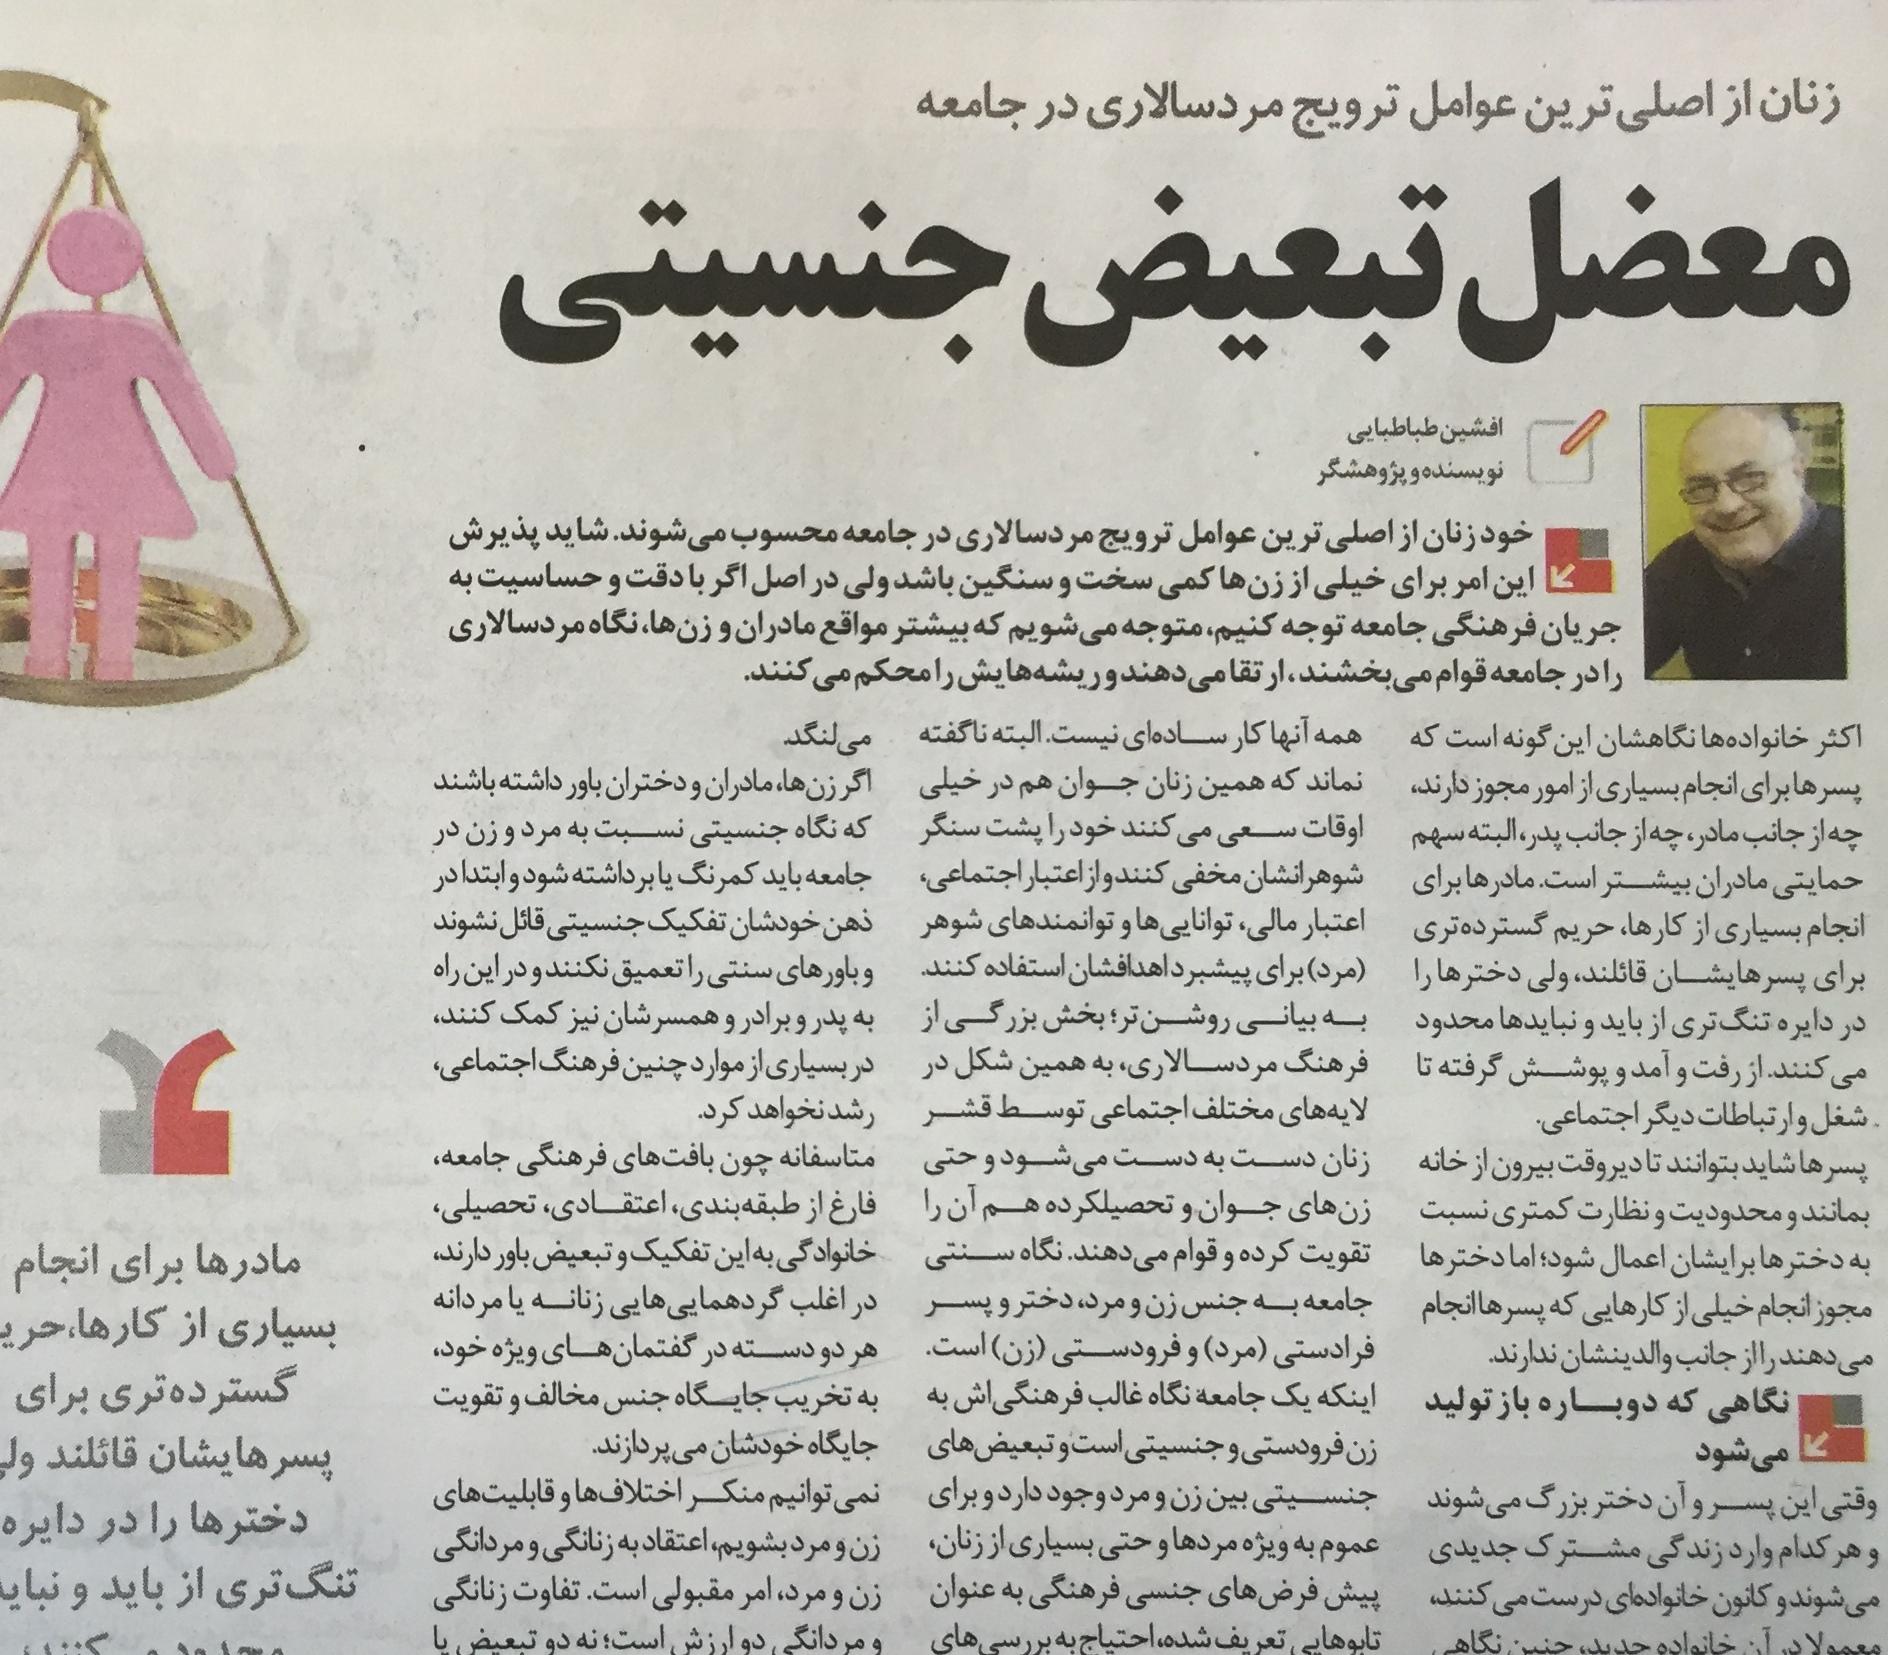 روزنامه: معضل تبعیض جنسیتی - دکتر طباطبایی